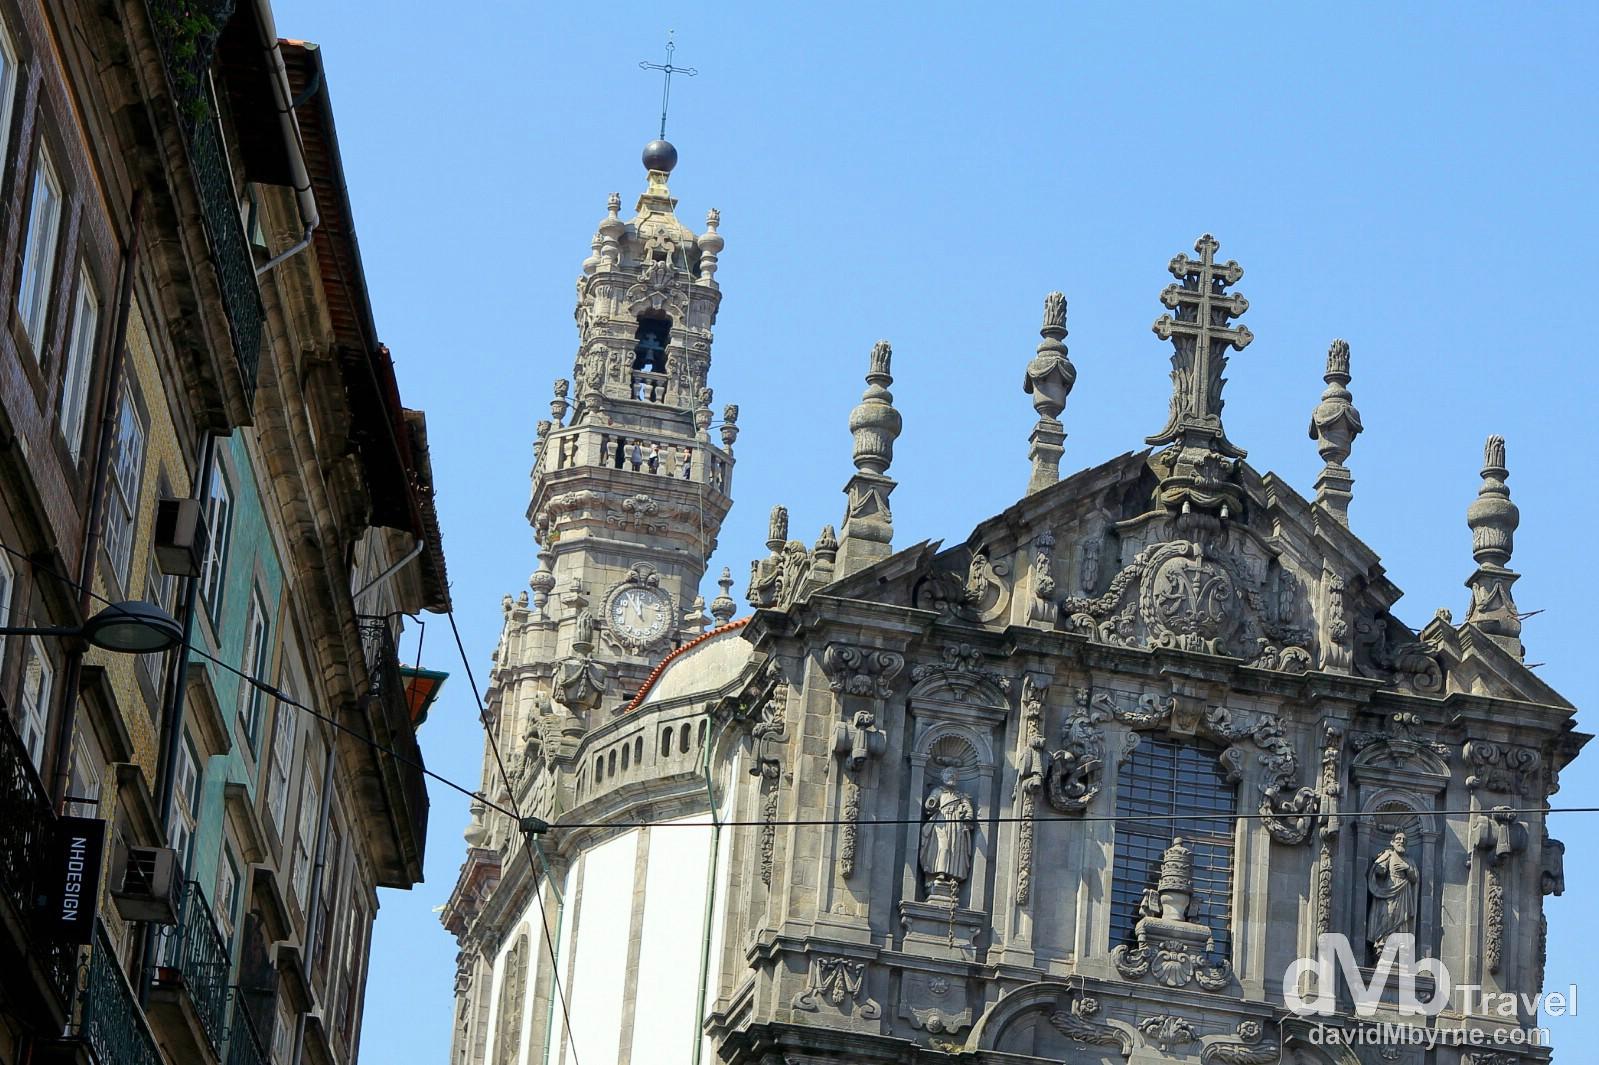 The Baroque 18th century Clérigos Church as seen from Rua dos Clerigos, Porto, Portugal. August 29th 2013.